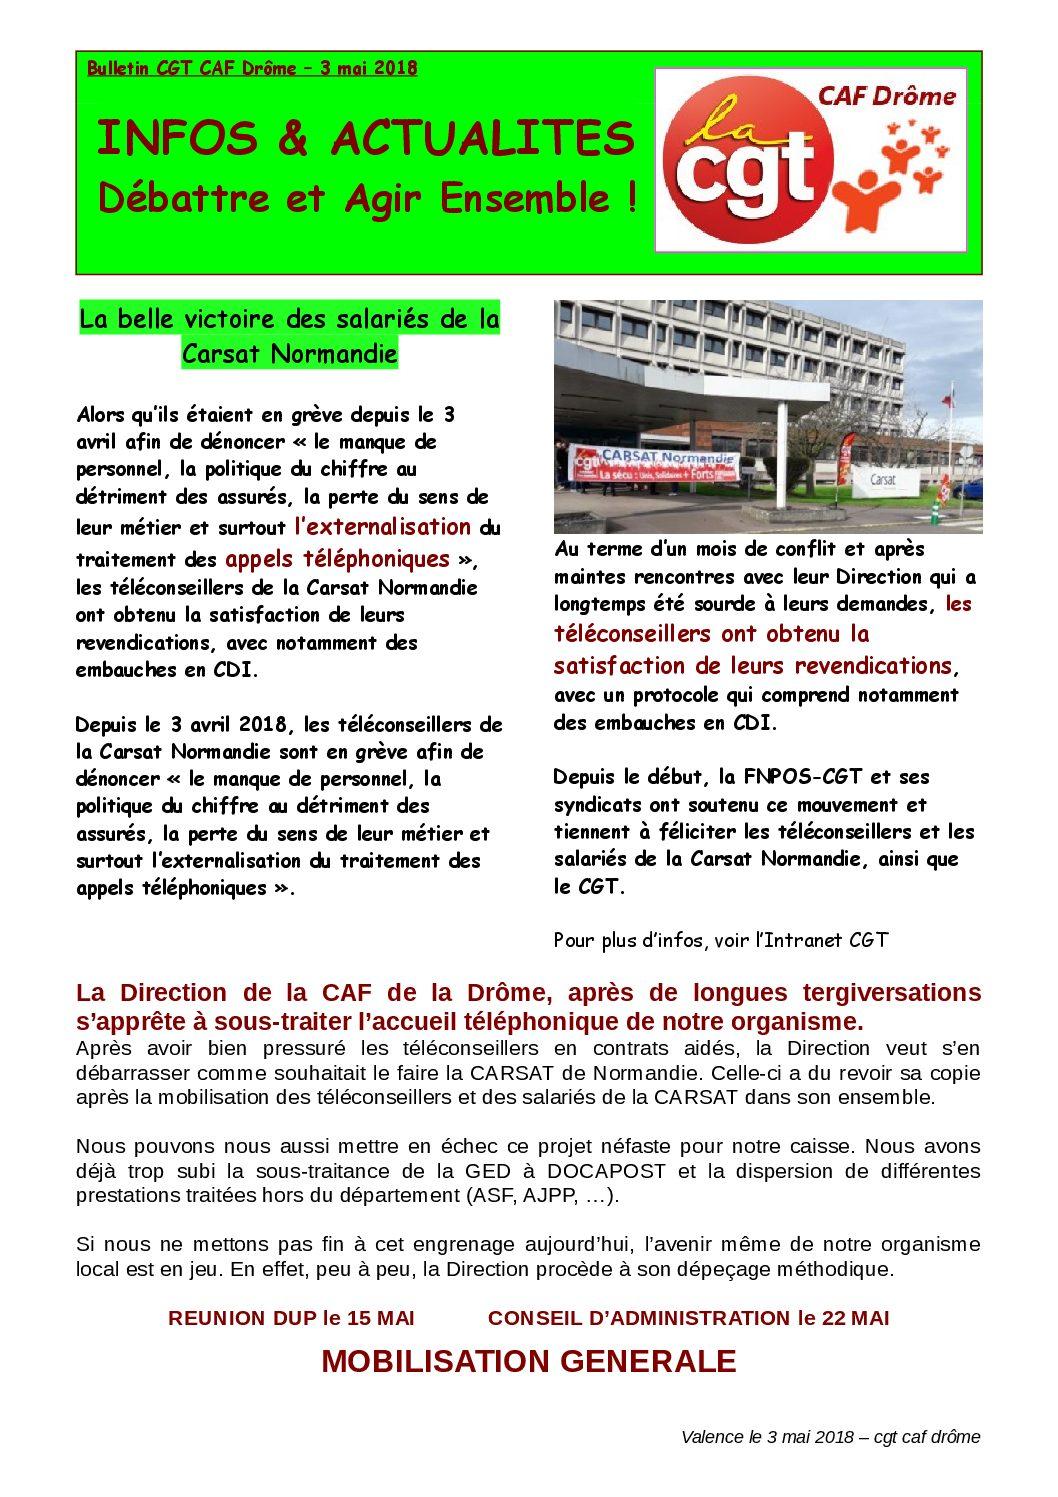 Bulletin de la CAF 26